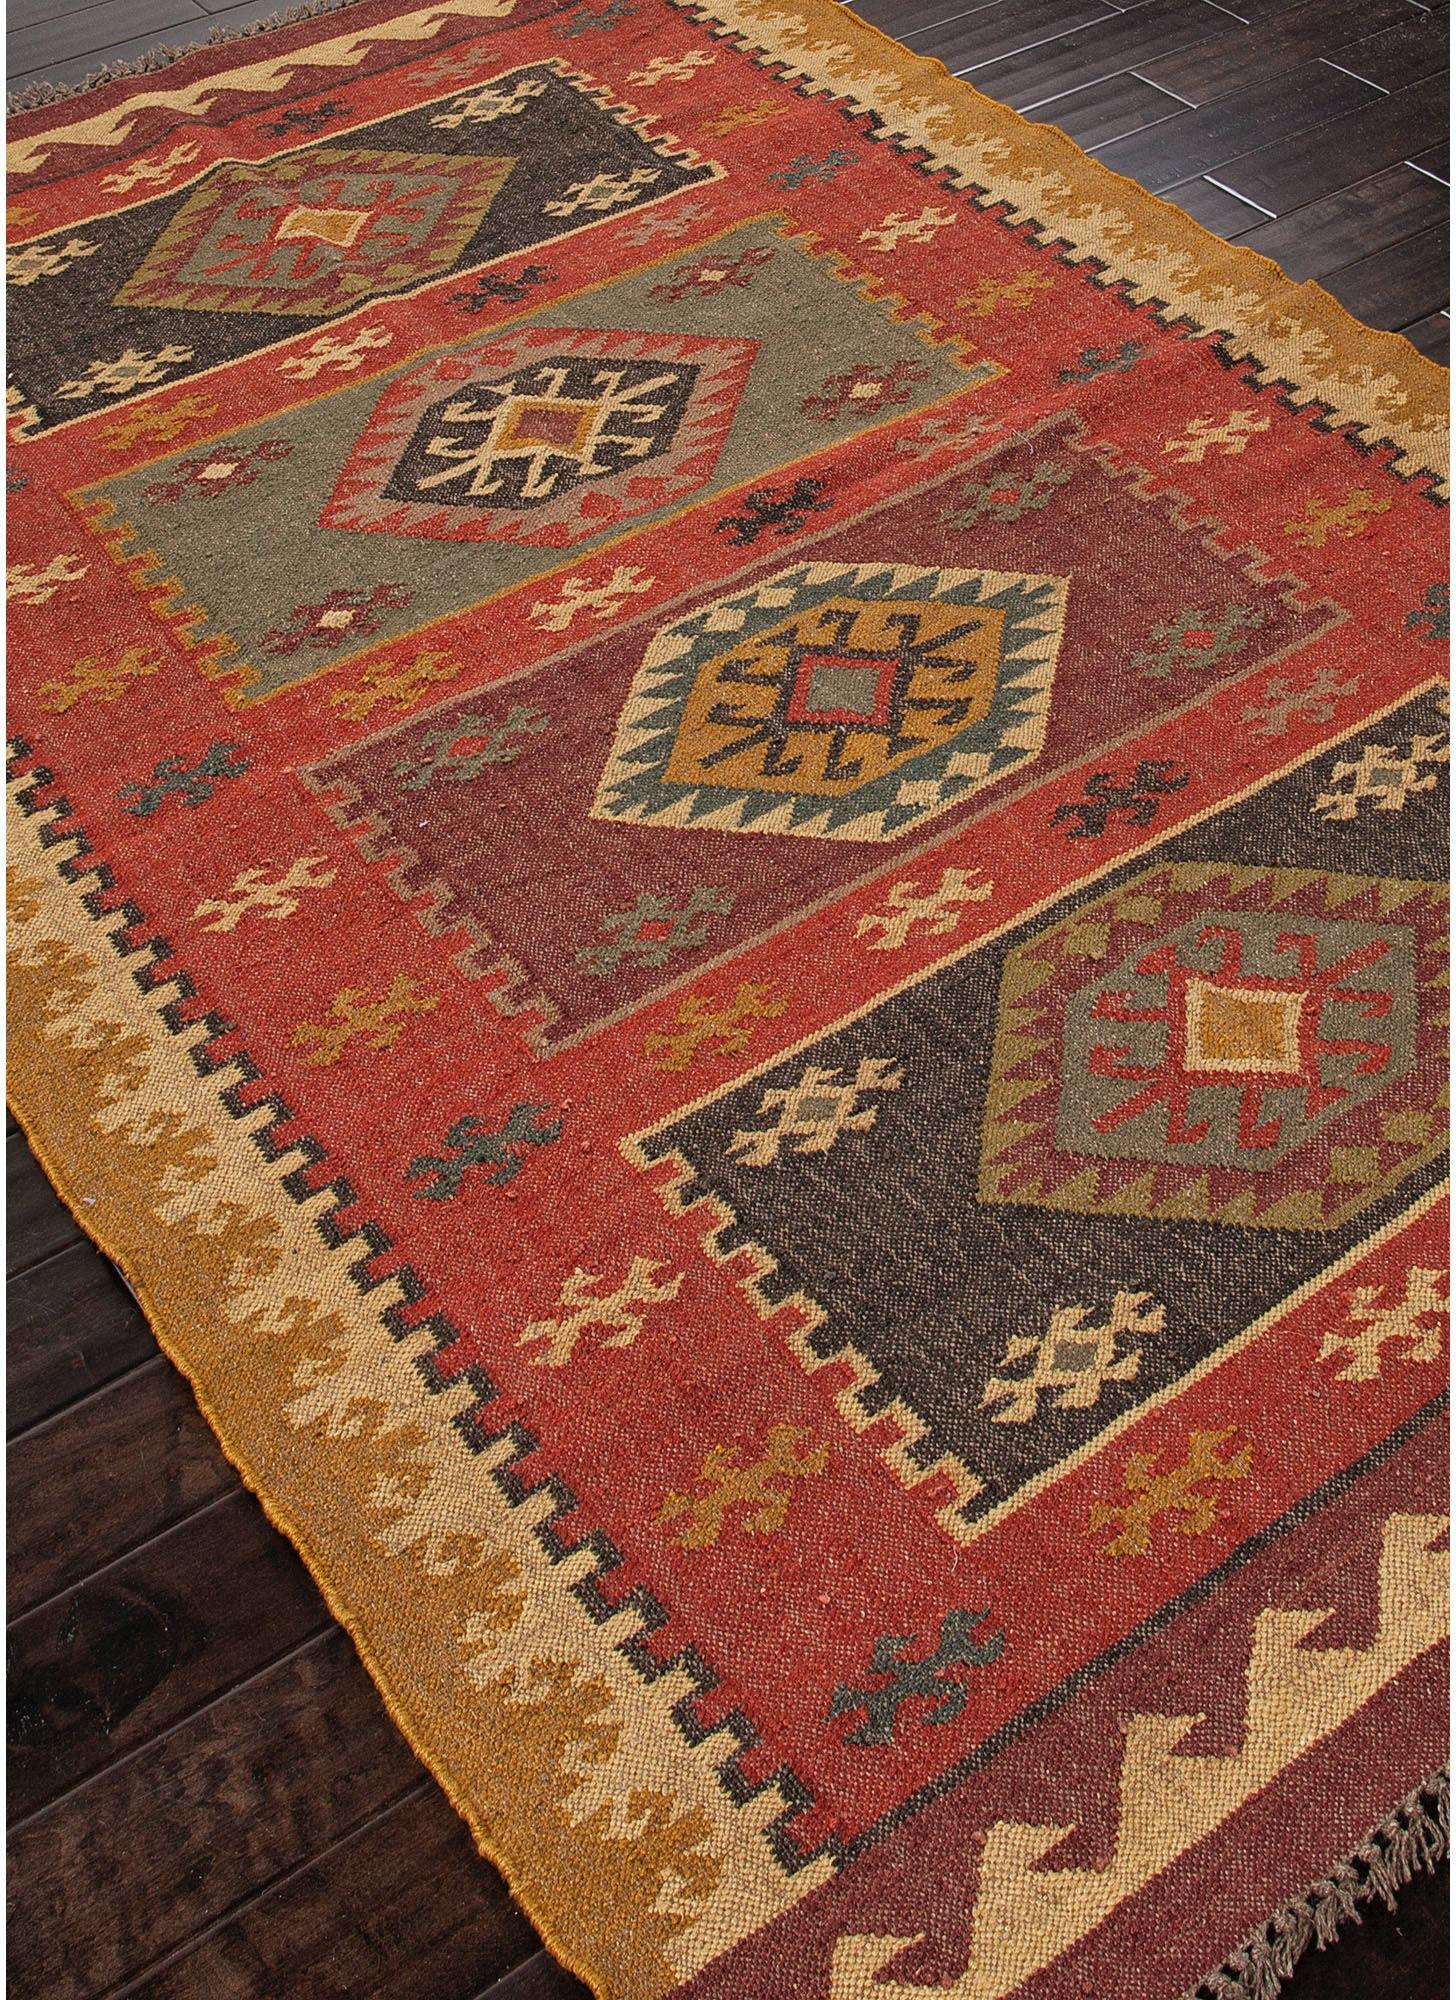 Jaipur Rugs Floor Coverings Flat Weave Tribal Pattern Jute Red